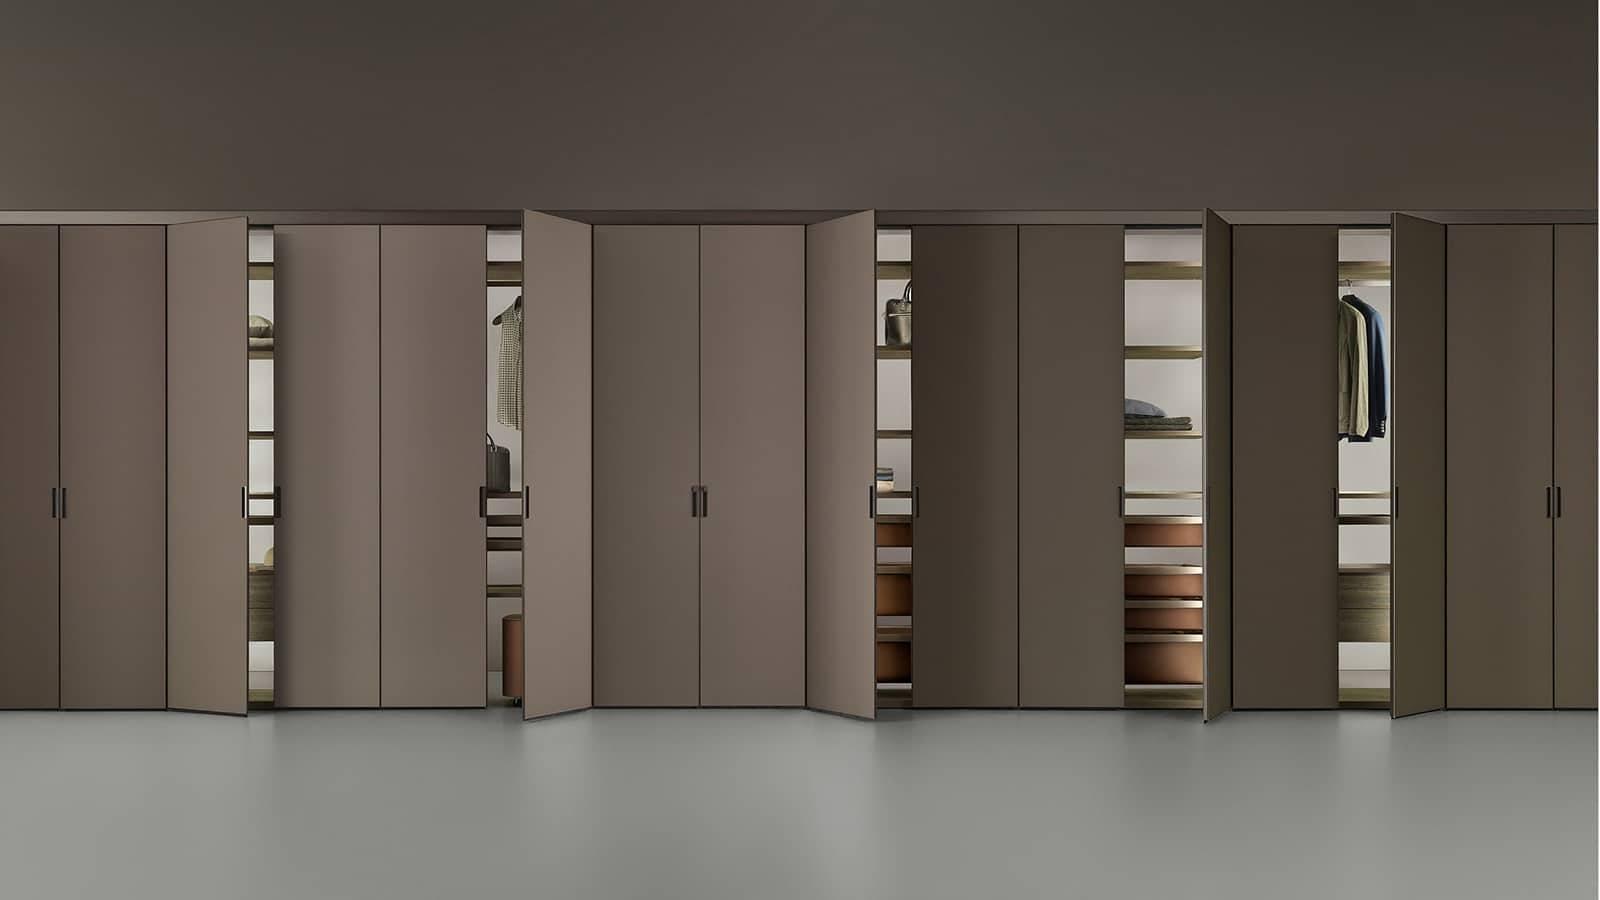 luxe inbouw garderobekasten maatwerk inteirieurbouw in aluminium en glas Rimadesio cover